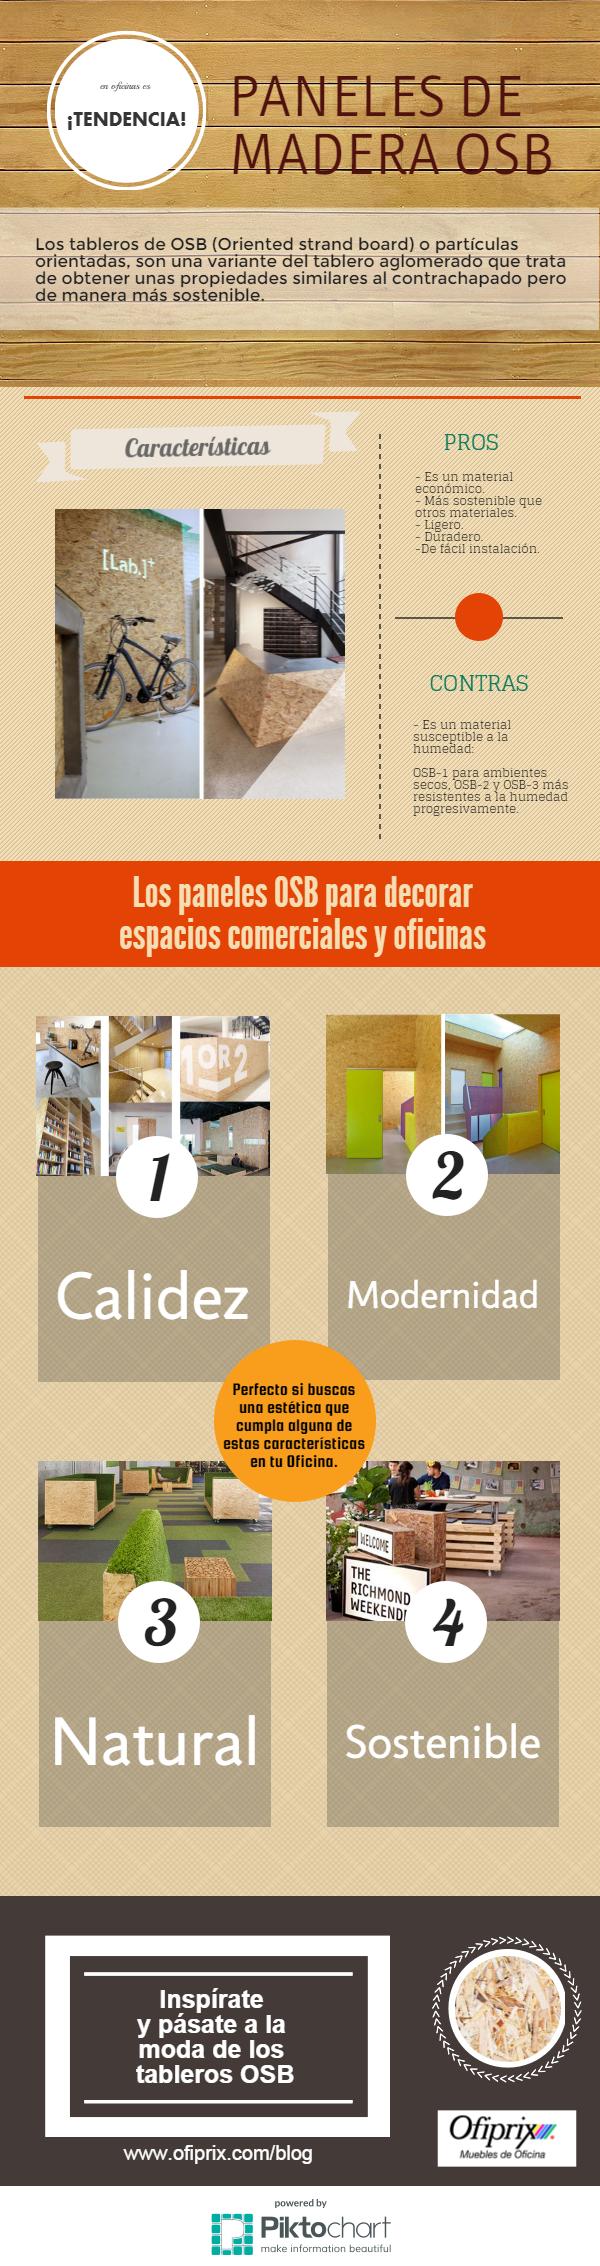 Infografía: paneles OSB - OFIPRIX